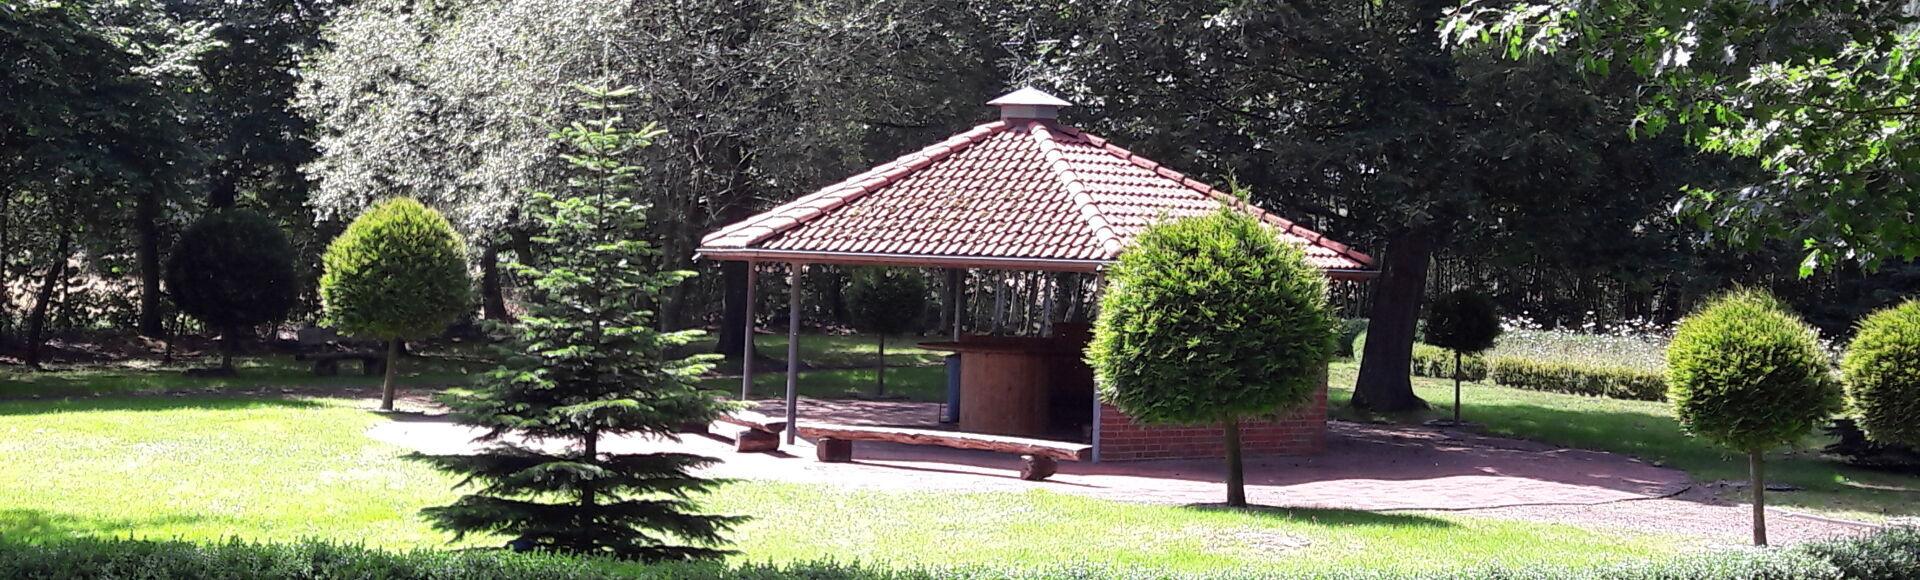 Ansicht eines kleinen Pavillon in der Gemeinde Moorweg